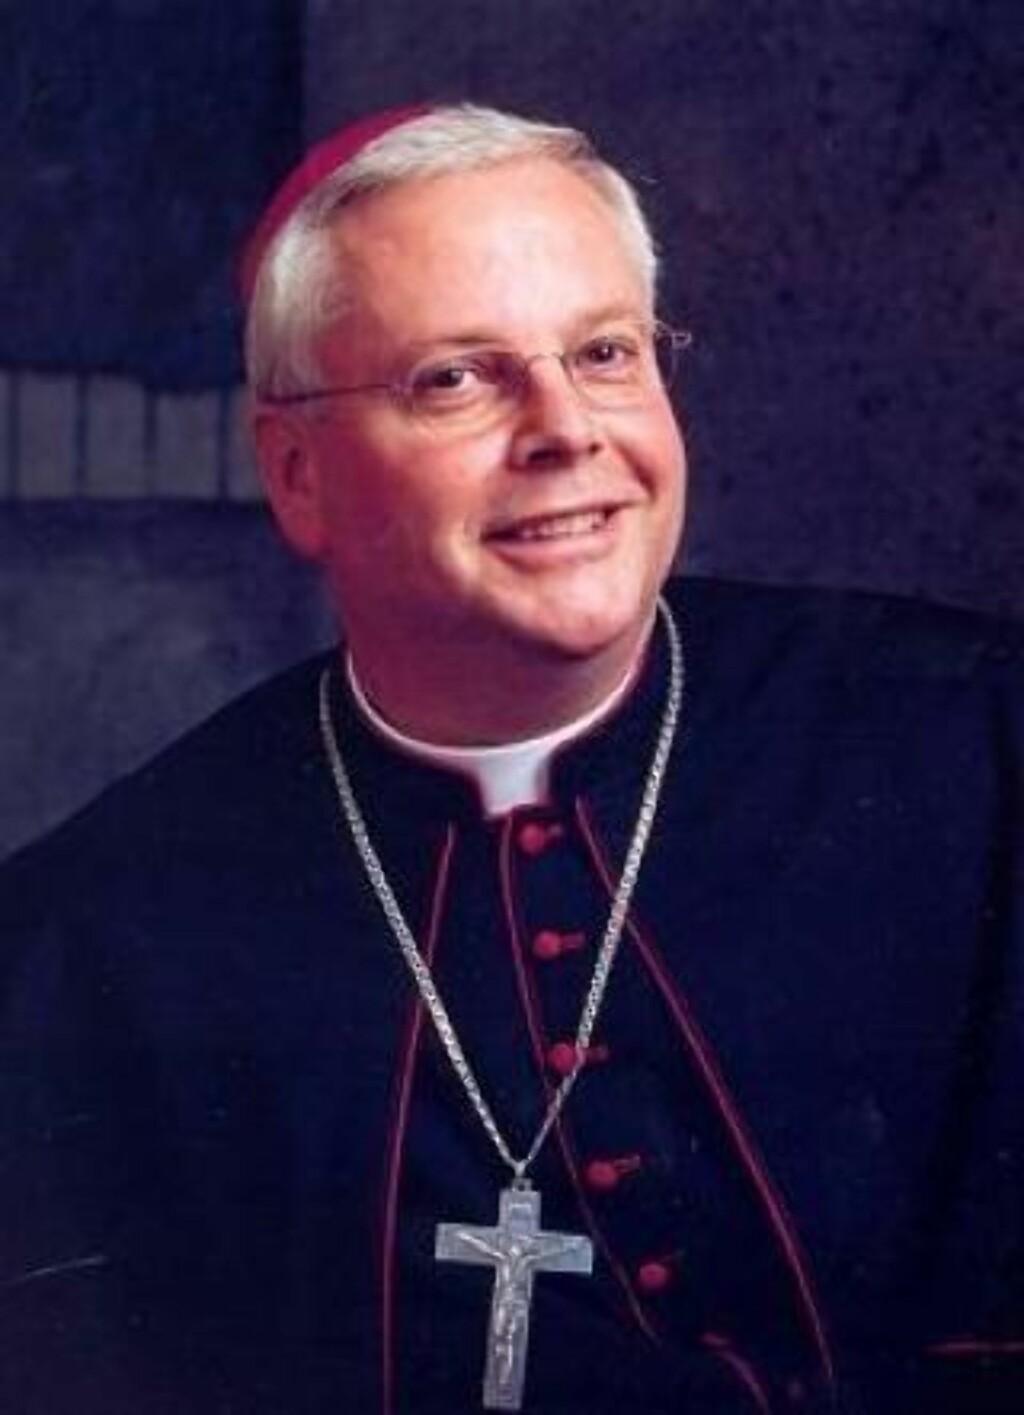 AVSATT:  Georg Müller mistet jobben som biskop i Trondheim da avsløringene om seksuelle overgrep ble kjent i fjor sommer. FOTO: KATOLSK.NO